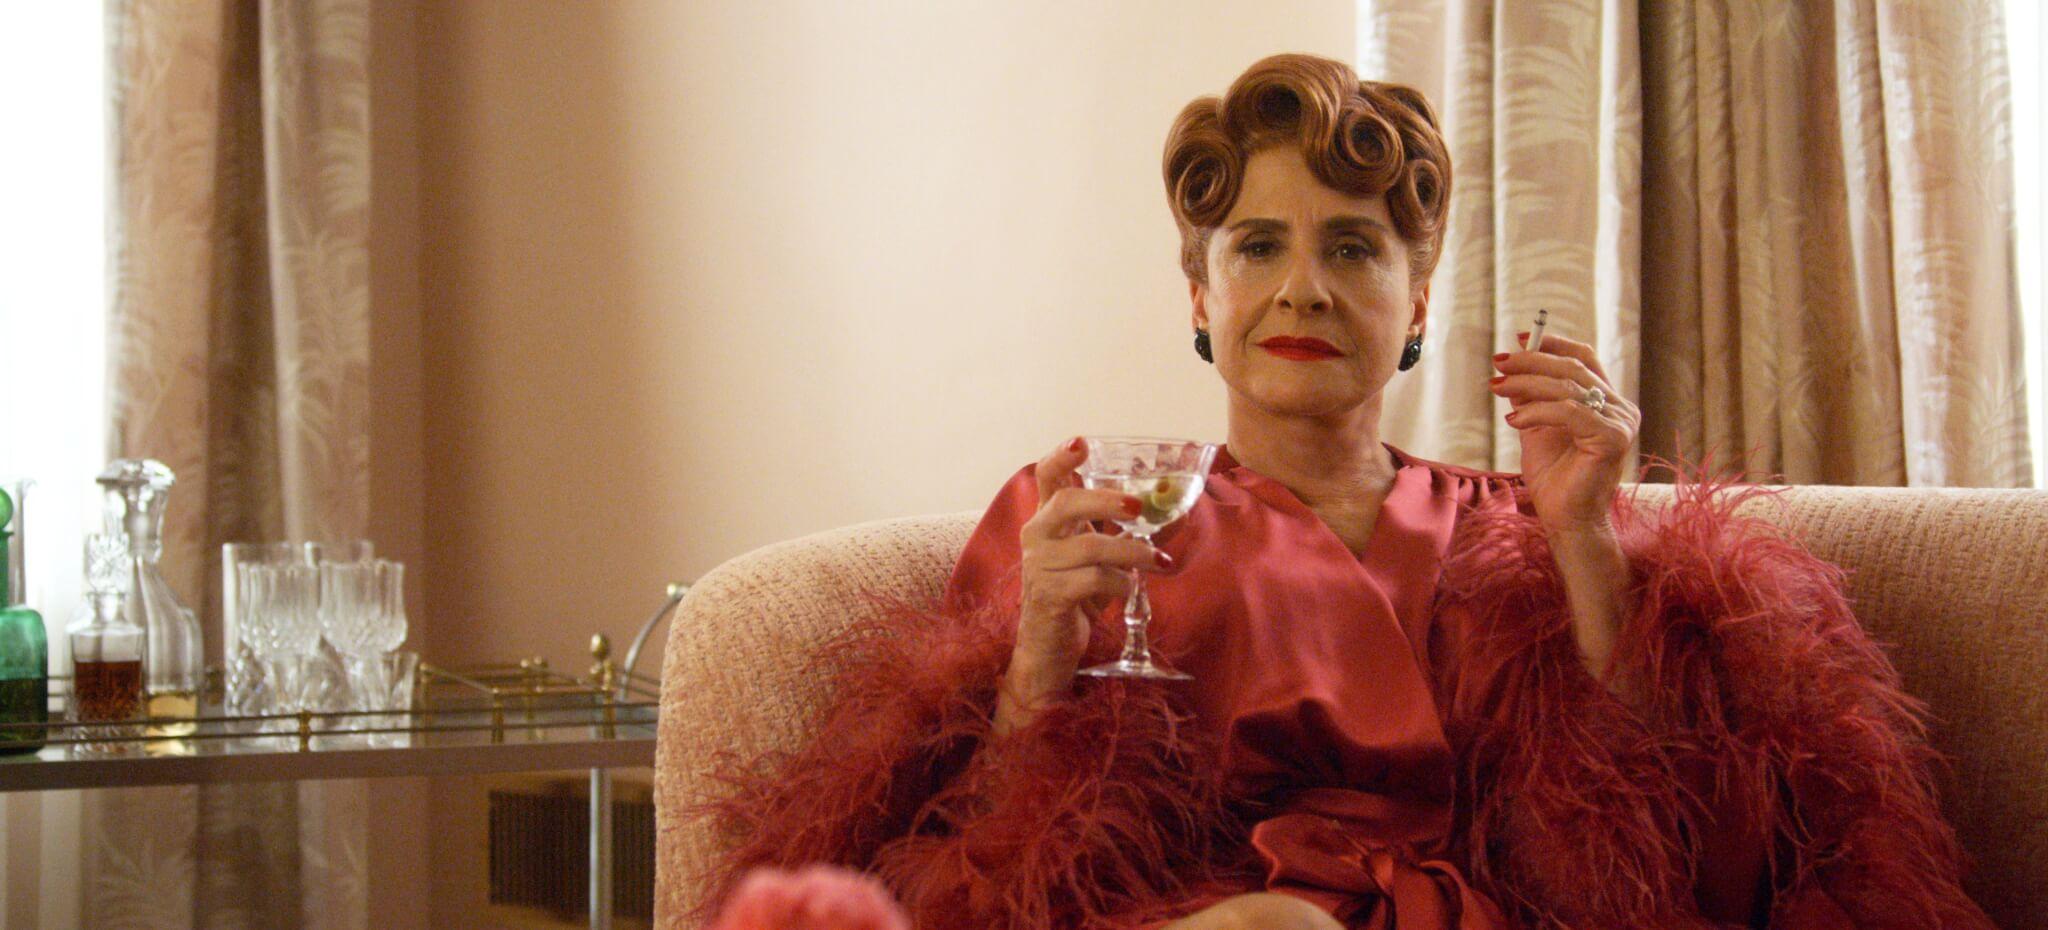 主角之一的電影公司老闆Avis,其服飾最能體現浮華的復古優雅。